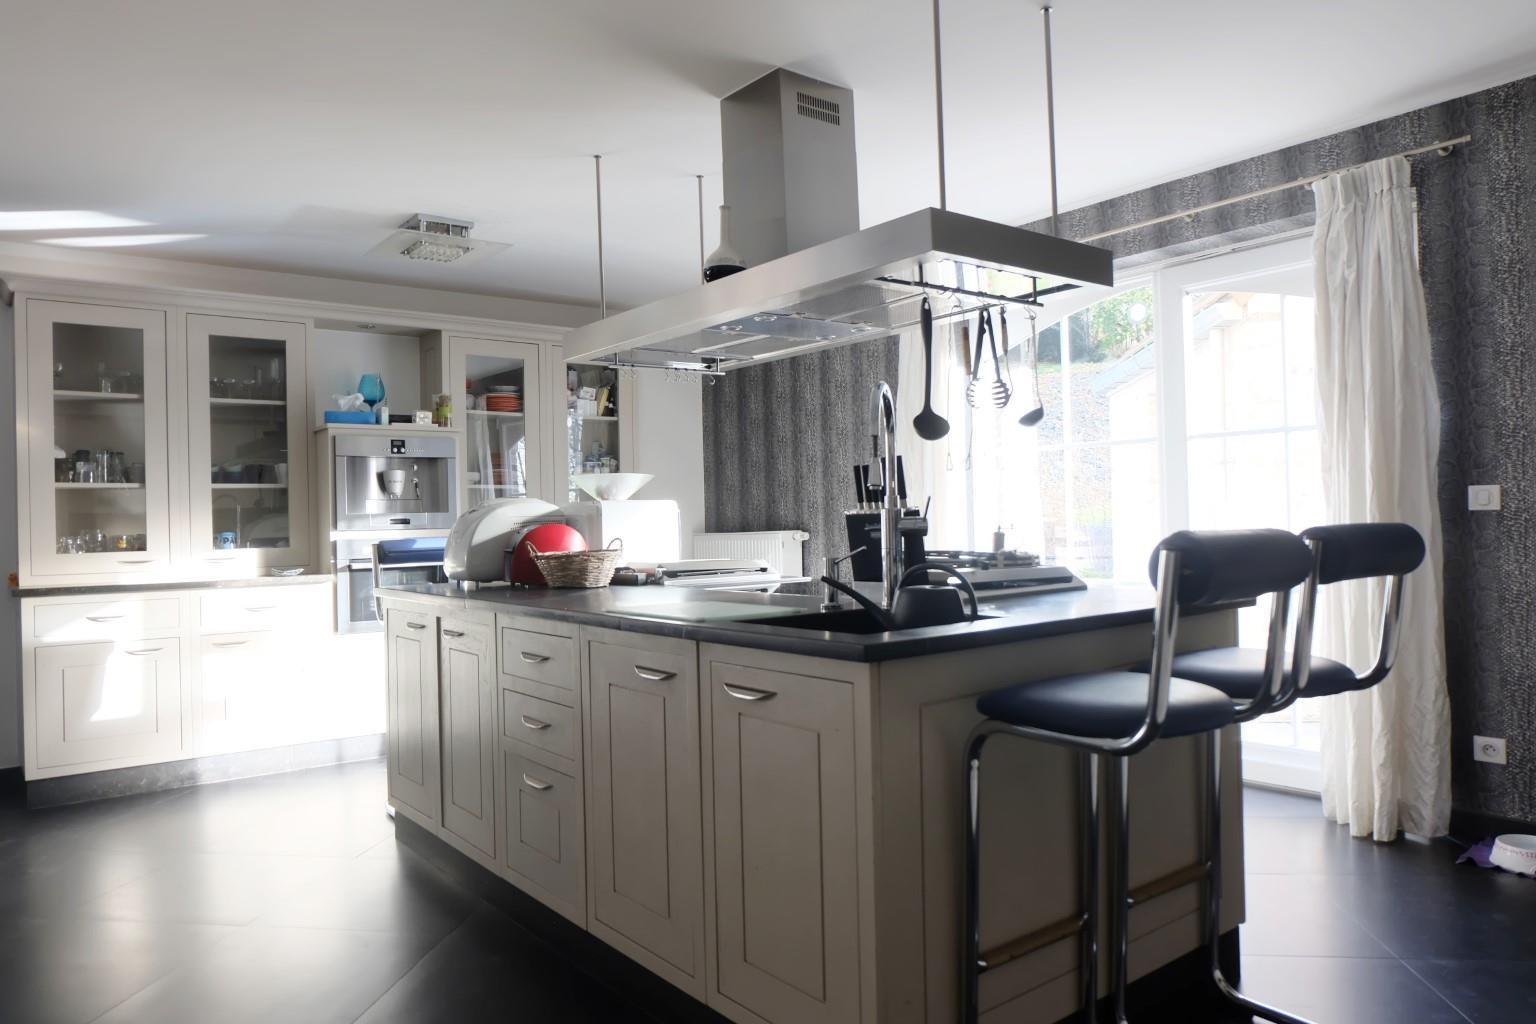 Appartement exceptionnel - Braine-le-Comte Hennuyères - #2181234-5